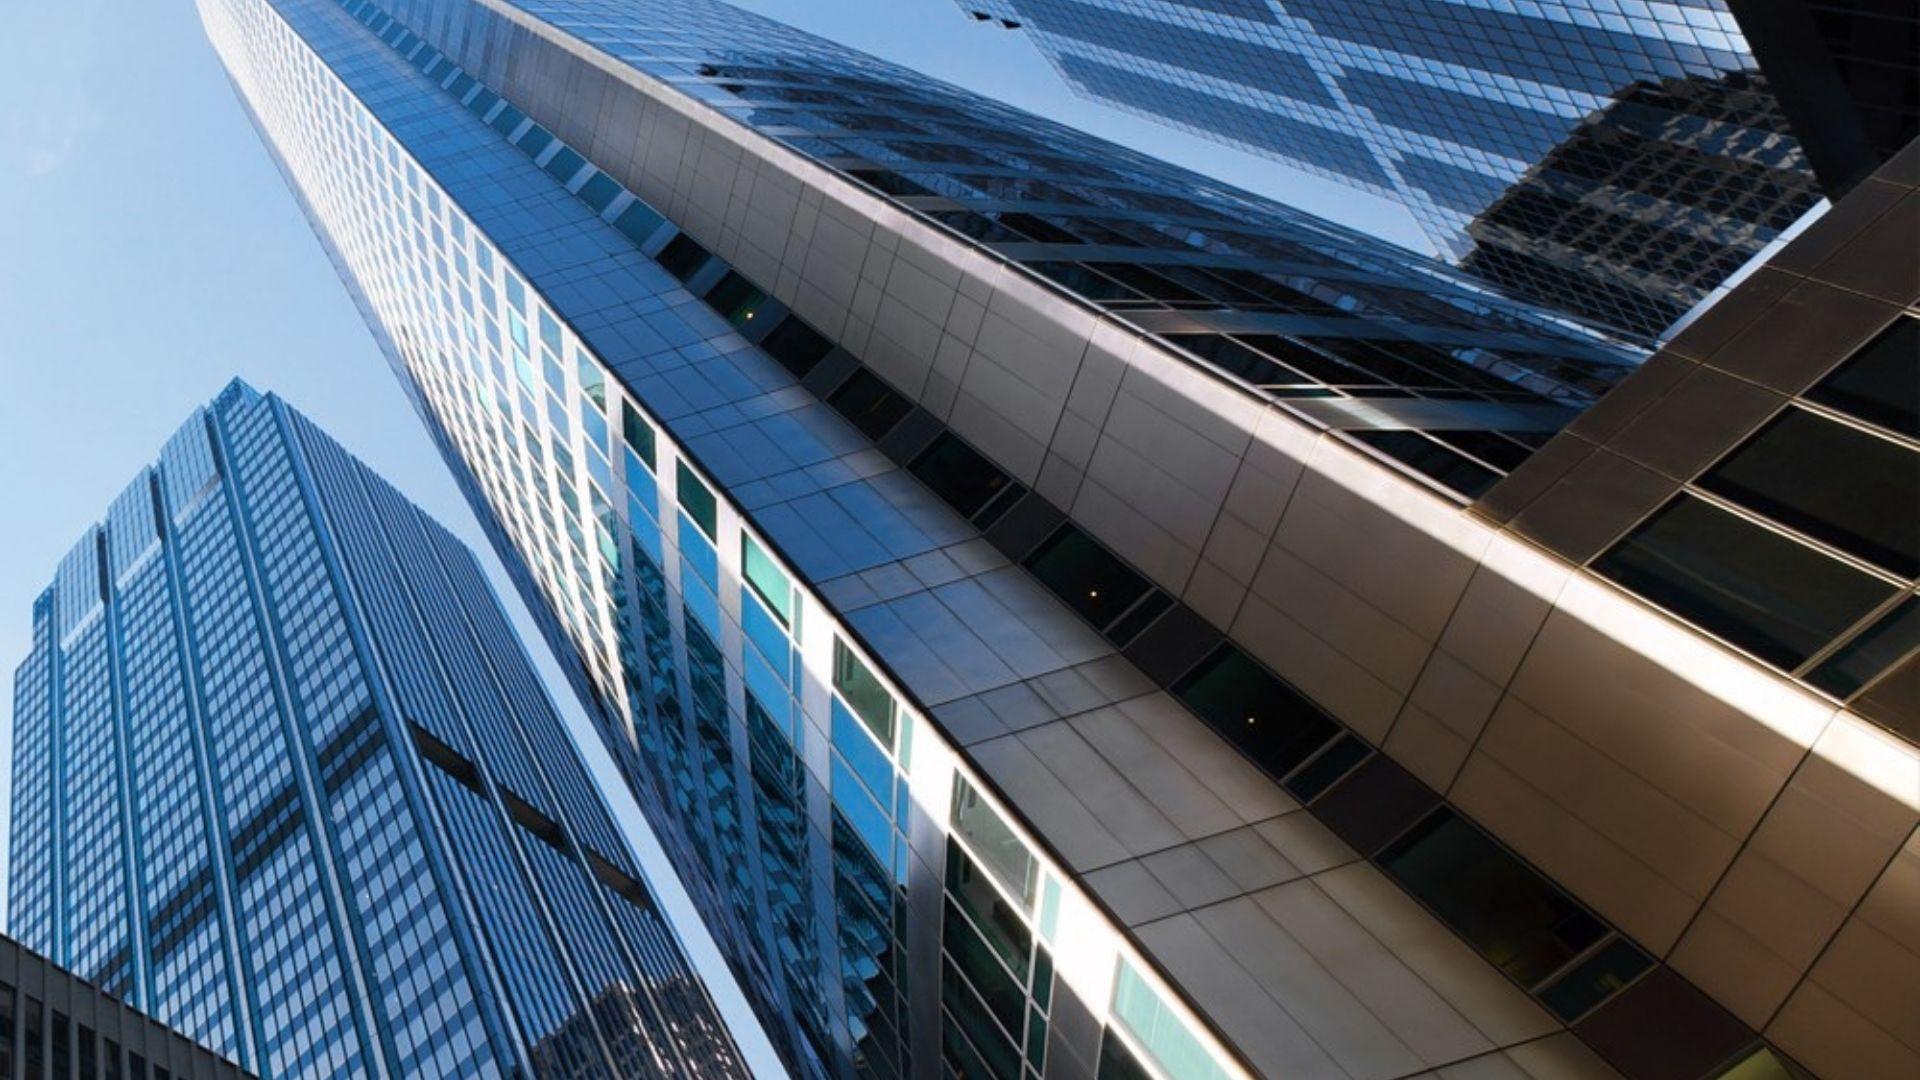 aluminium-composiet-architectural-building-text